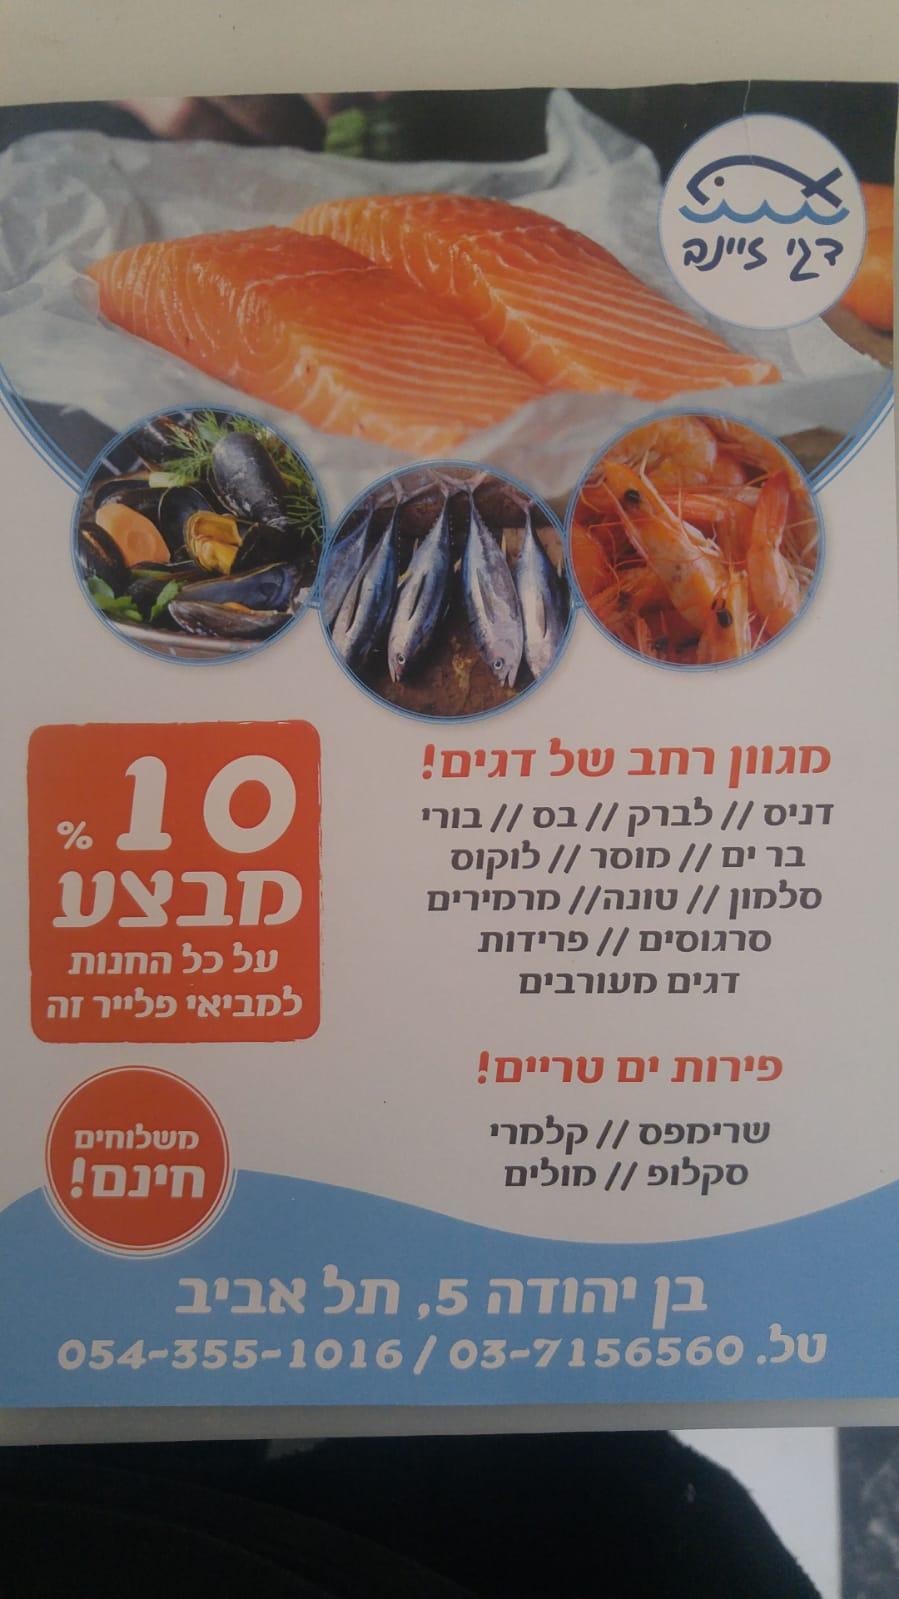 الاثنين: افتتاح مسمكة زينب - أجود أنواع الأسماك وفواكه البحر بانتظاركم